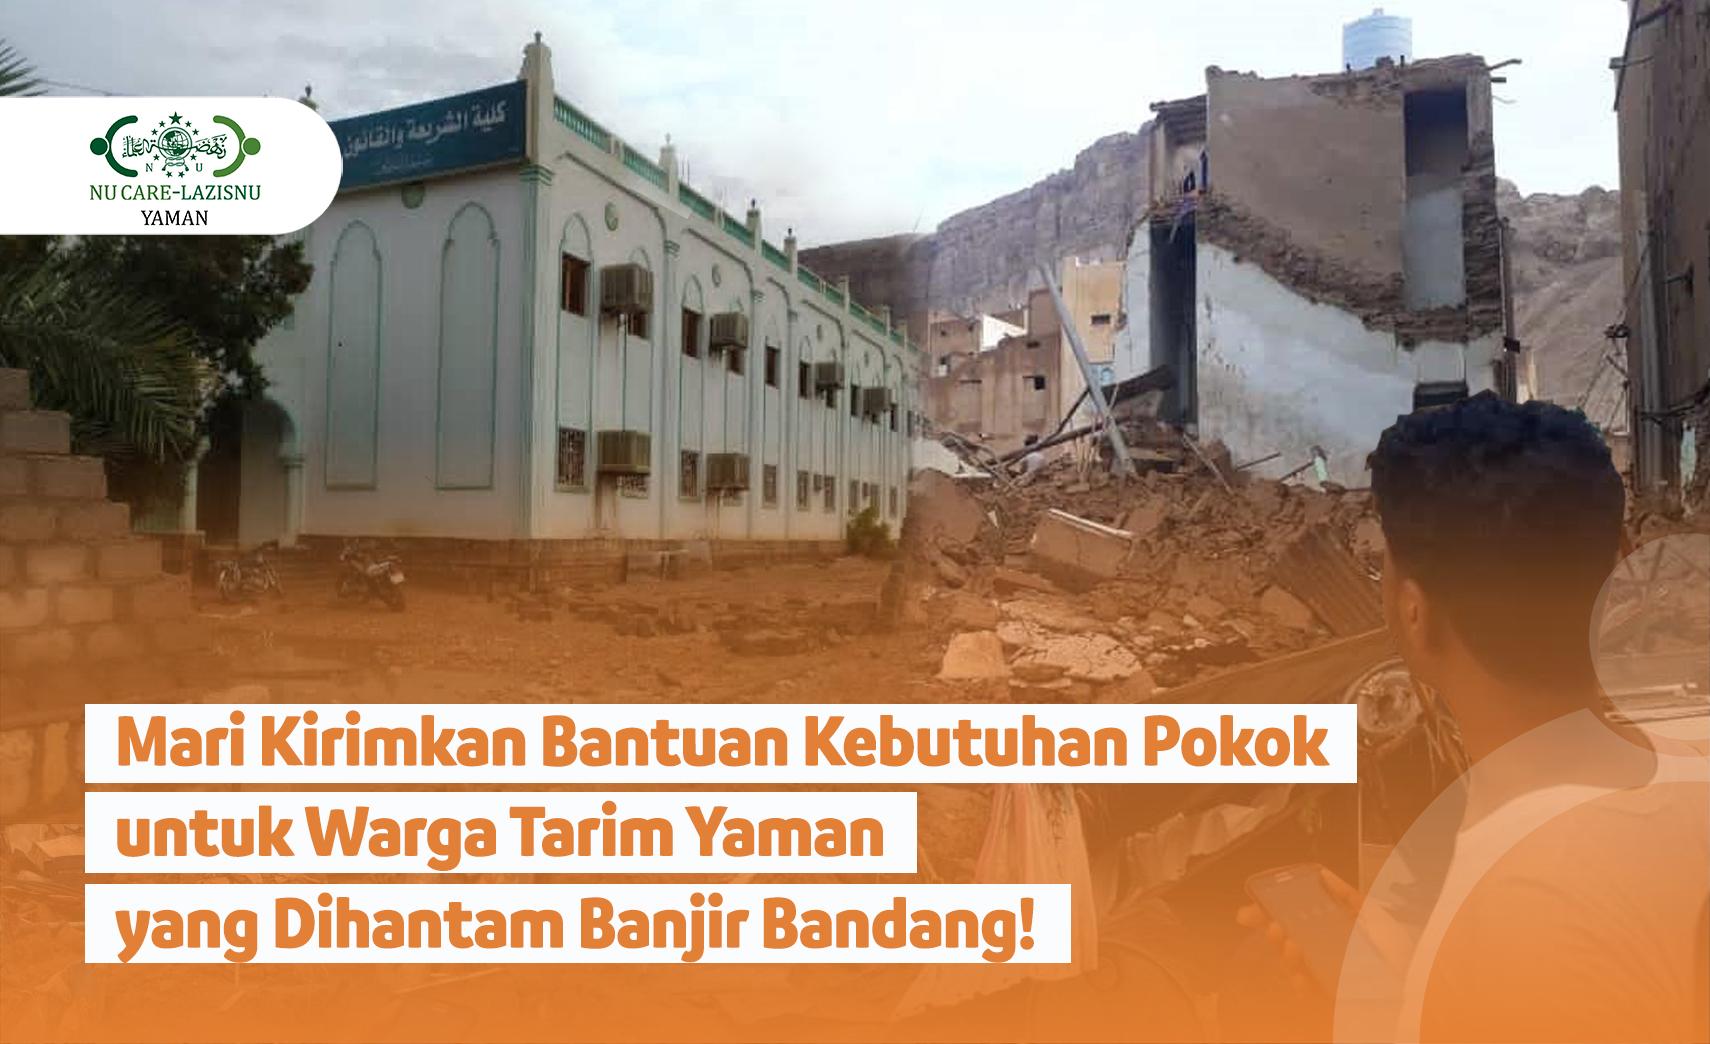 Bantu Warga Tarim Yaman Bangkit dari Musibah Banjir Bandang!